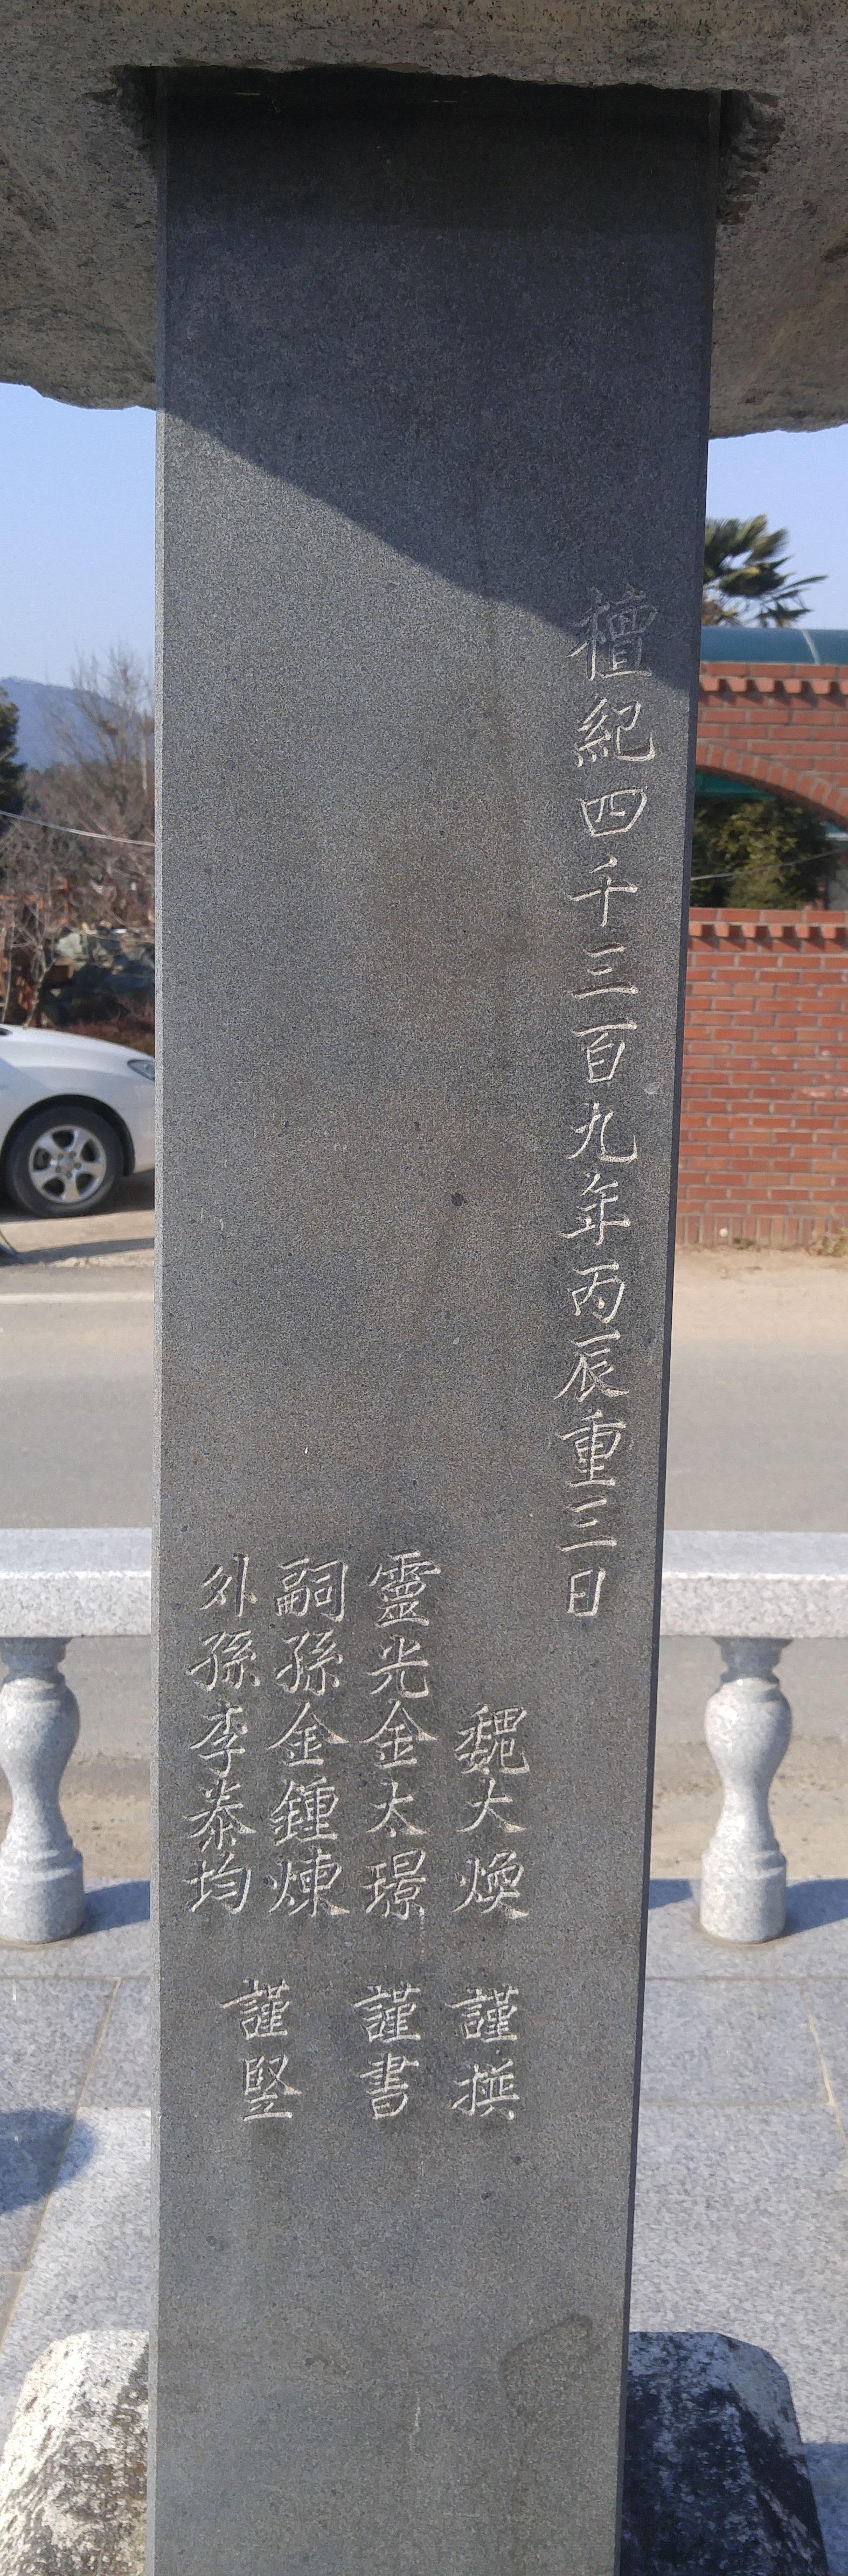 문화유적 - 儒人長興魏氏孝烈碑(...